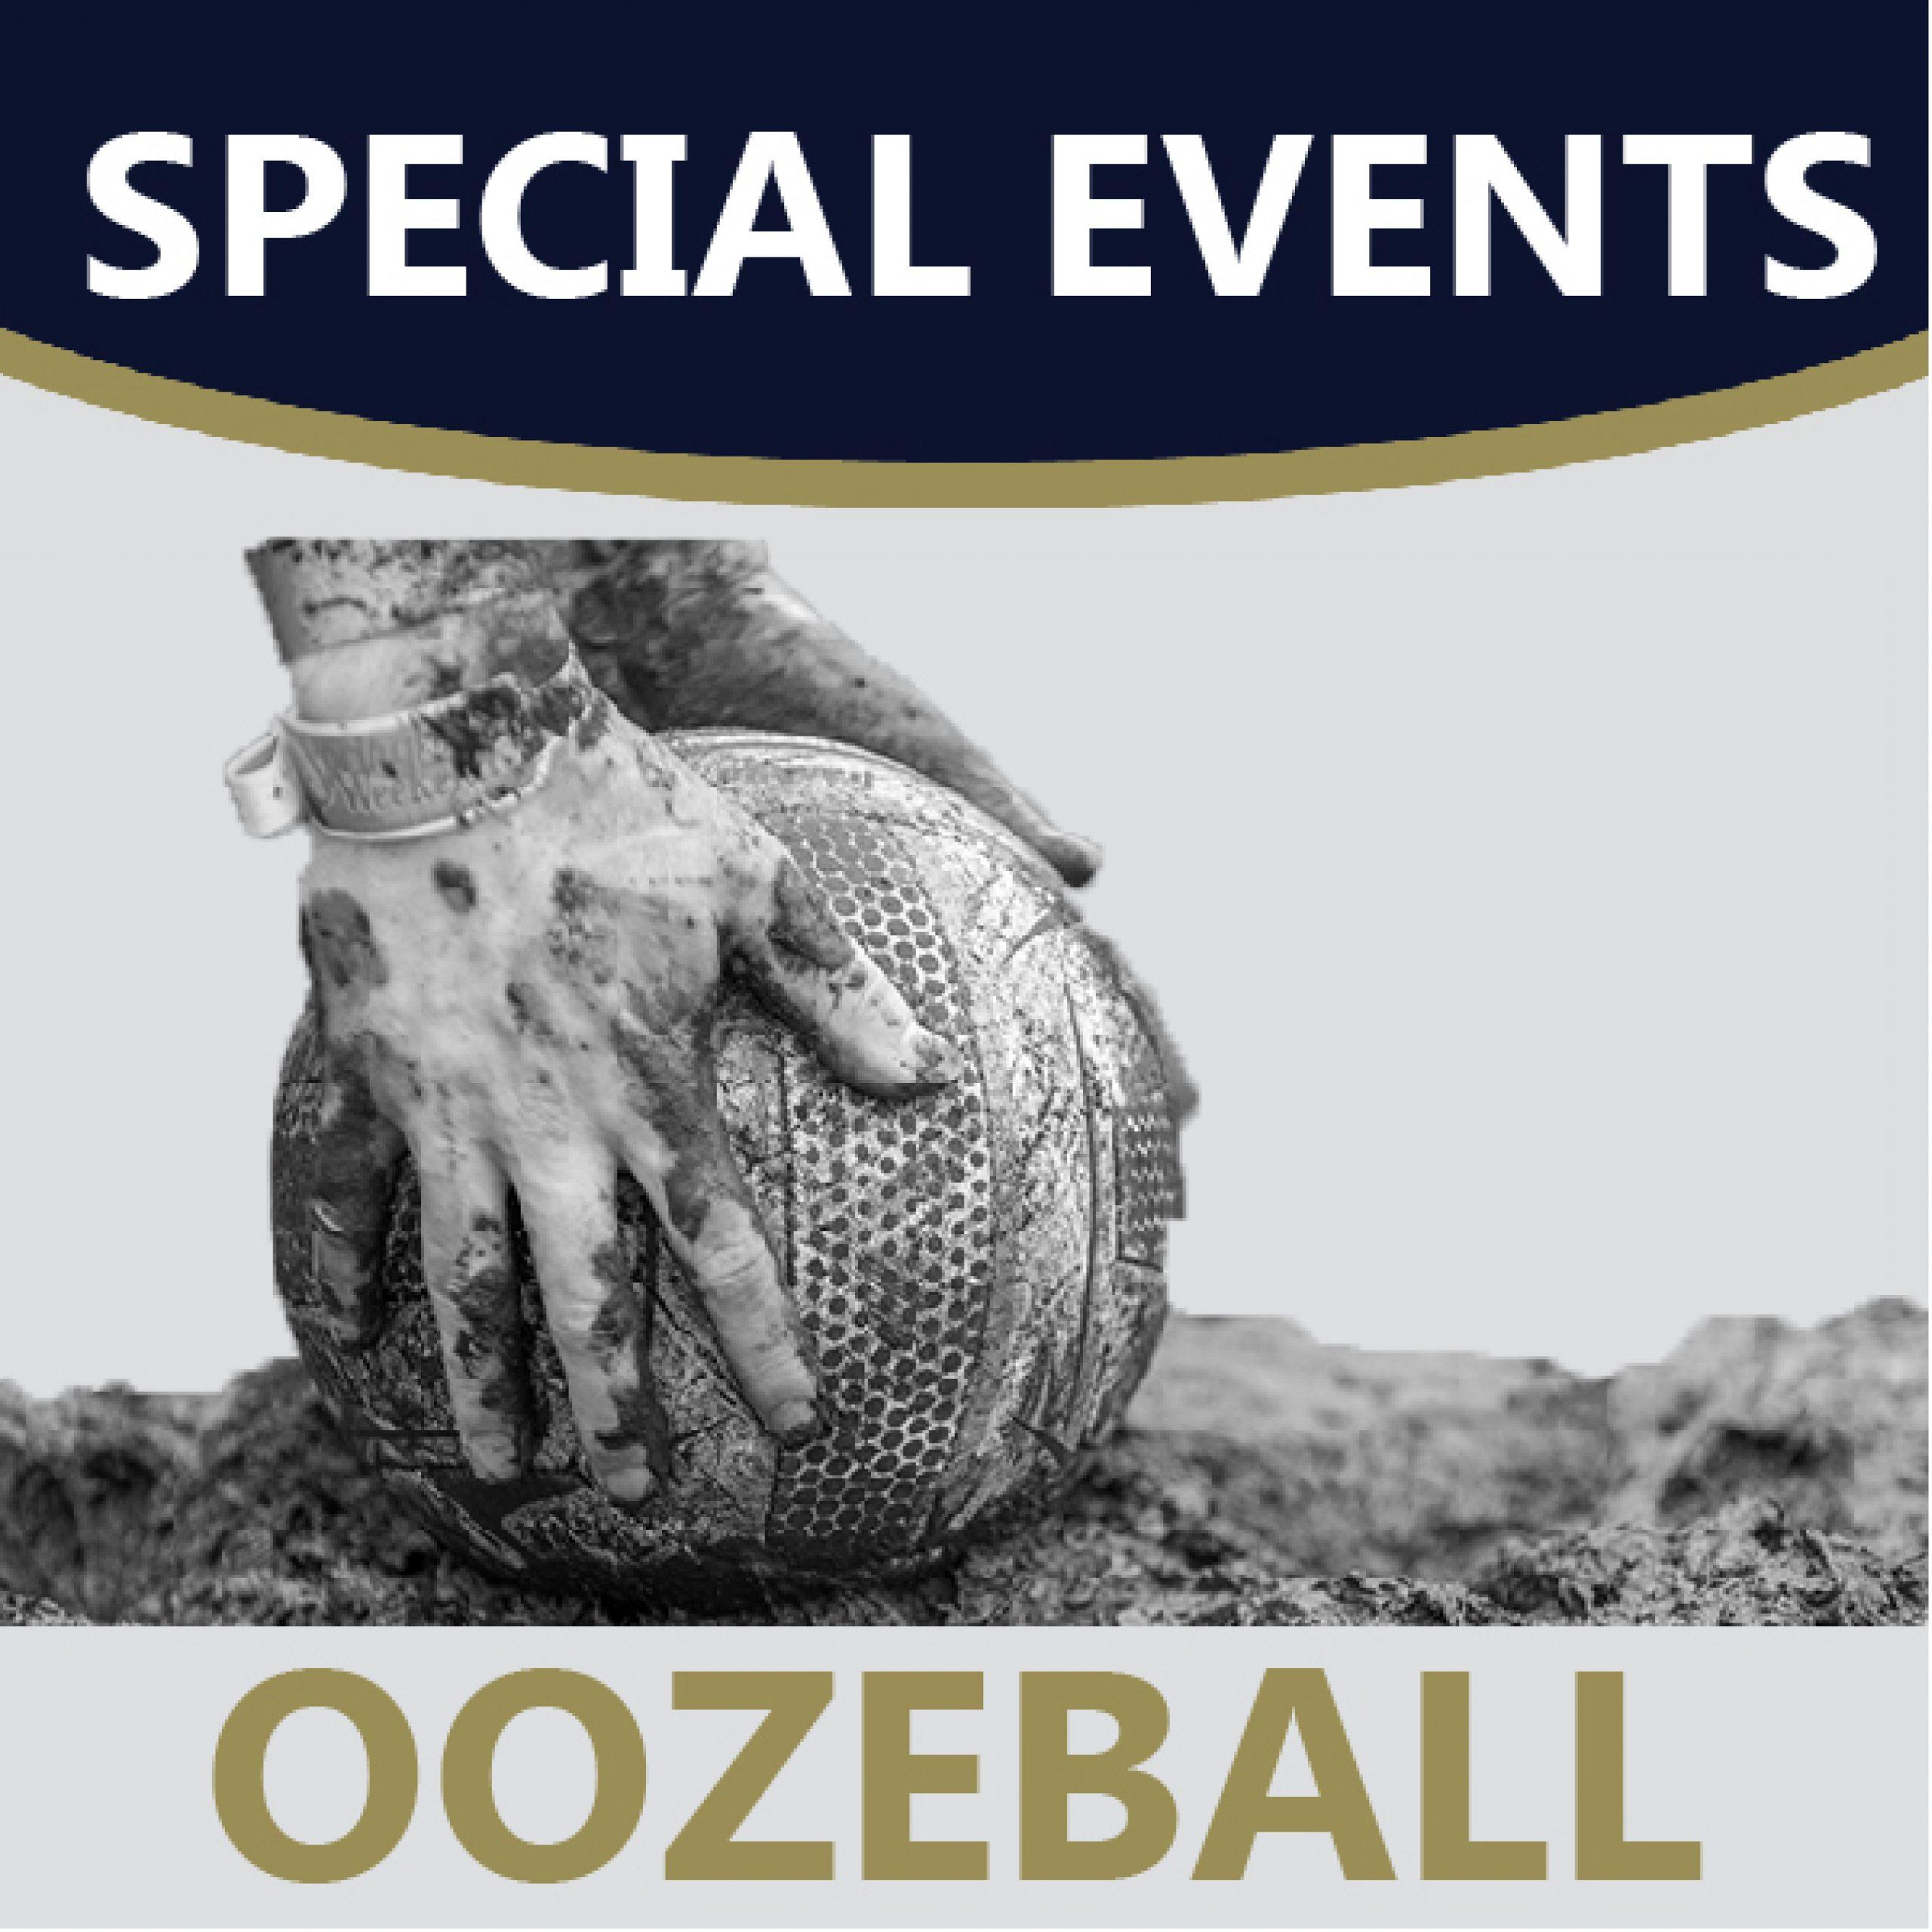 OOzeball icon image